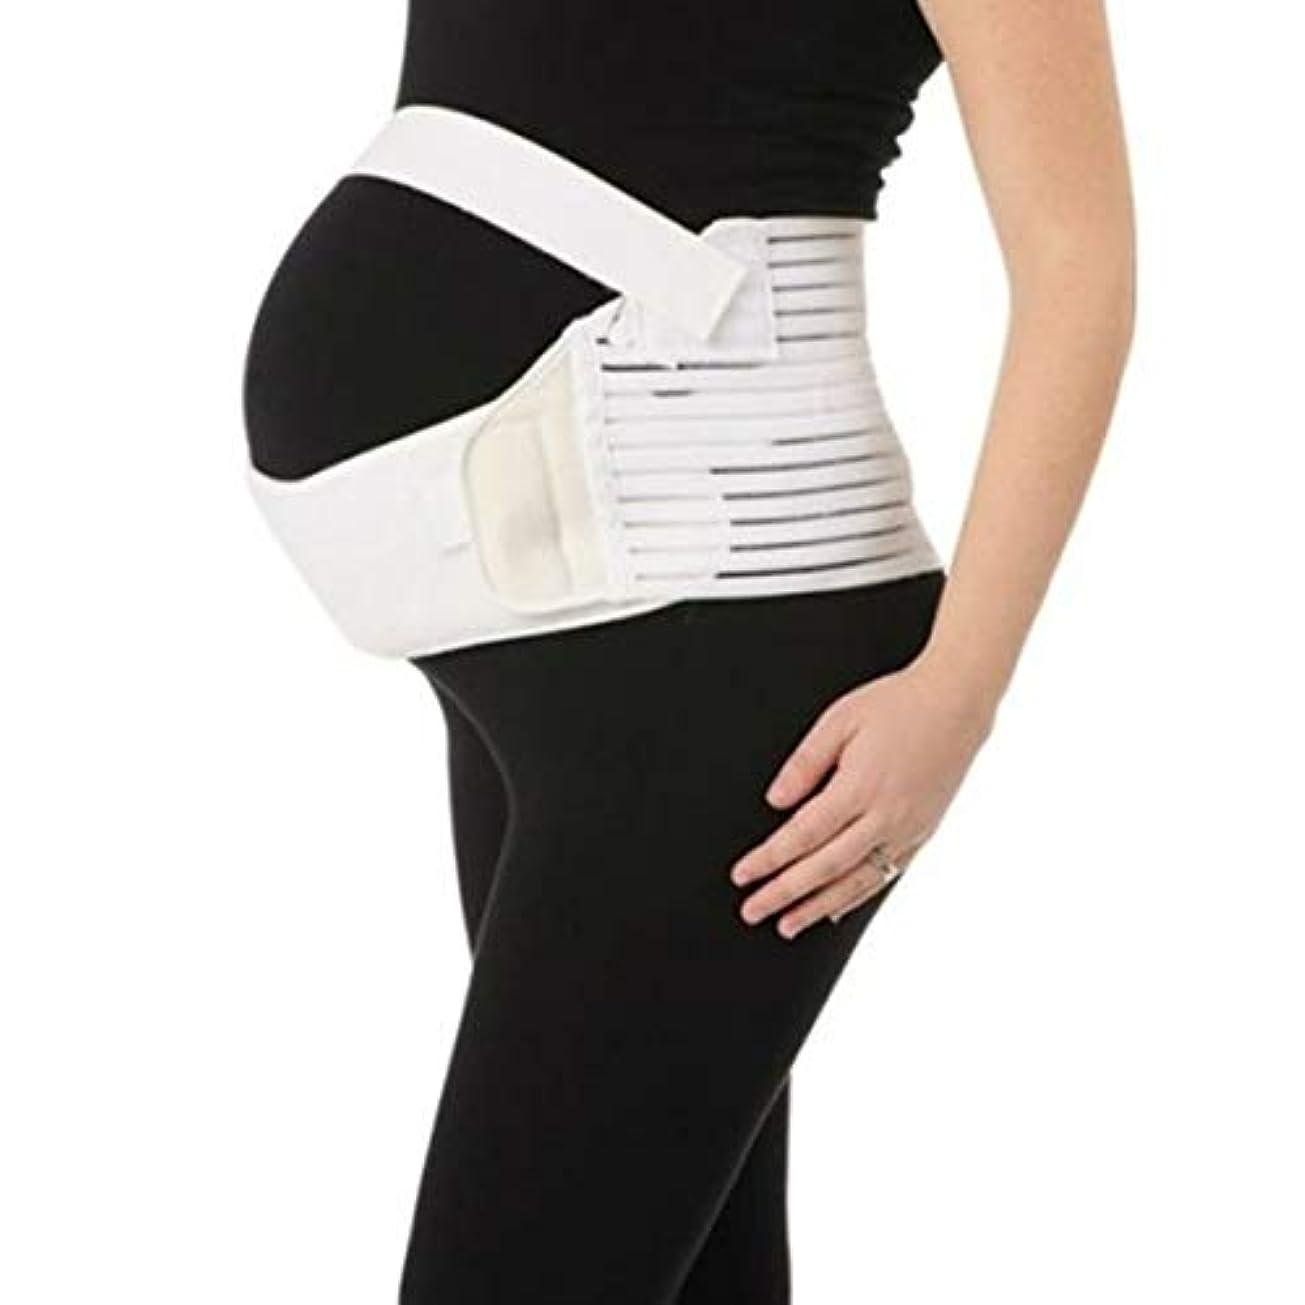 楽な誇大妄想変化する通気性マタニティベルト妊娠腹部サポート腹部バインダーガードル運動包帯産後回復形状ウェア - ホワイトXL